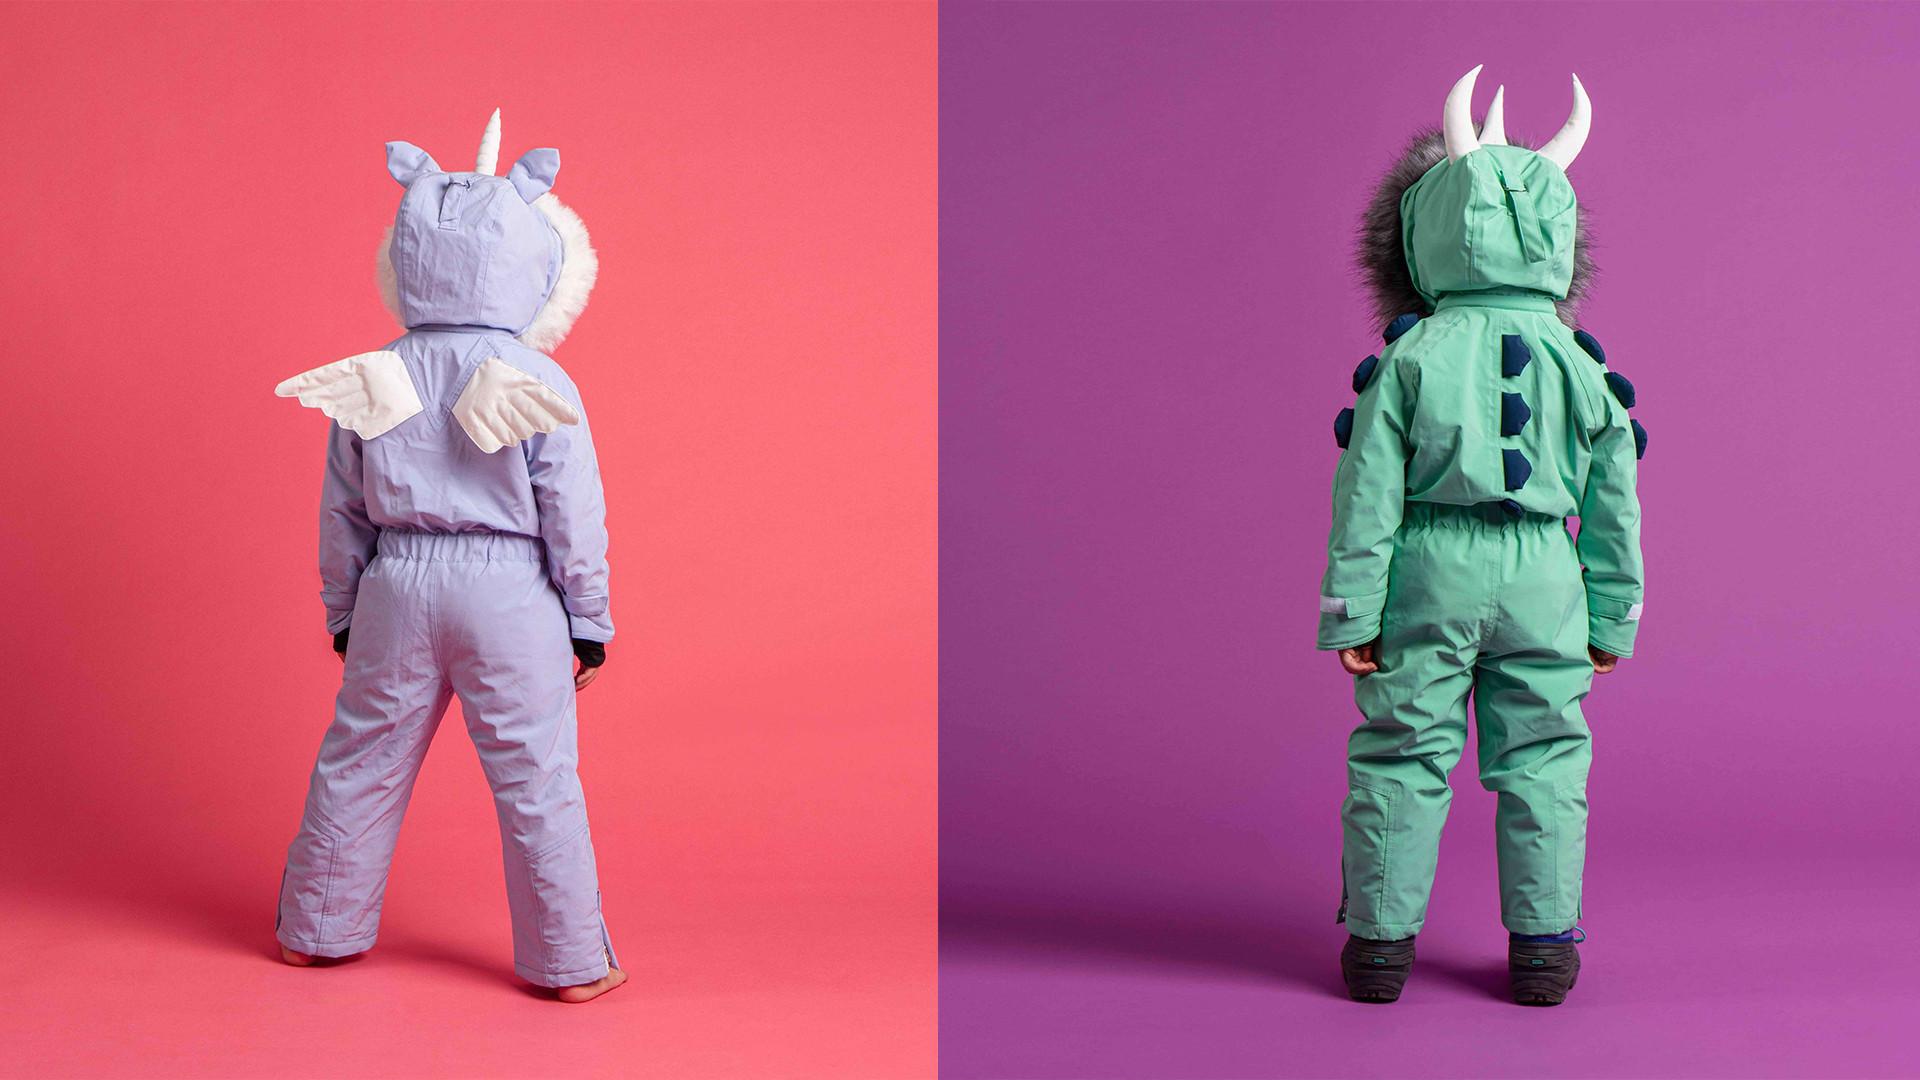 Dinoski's snow suits